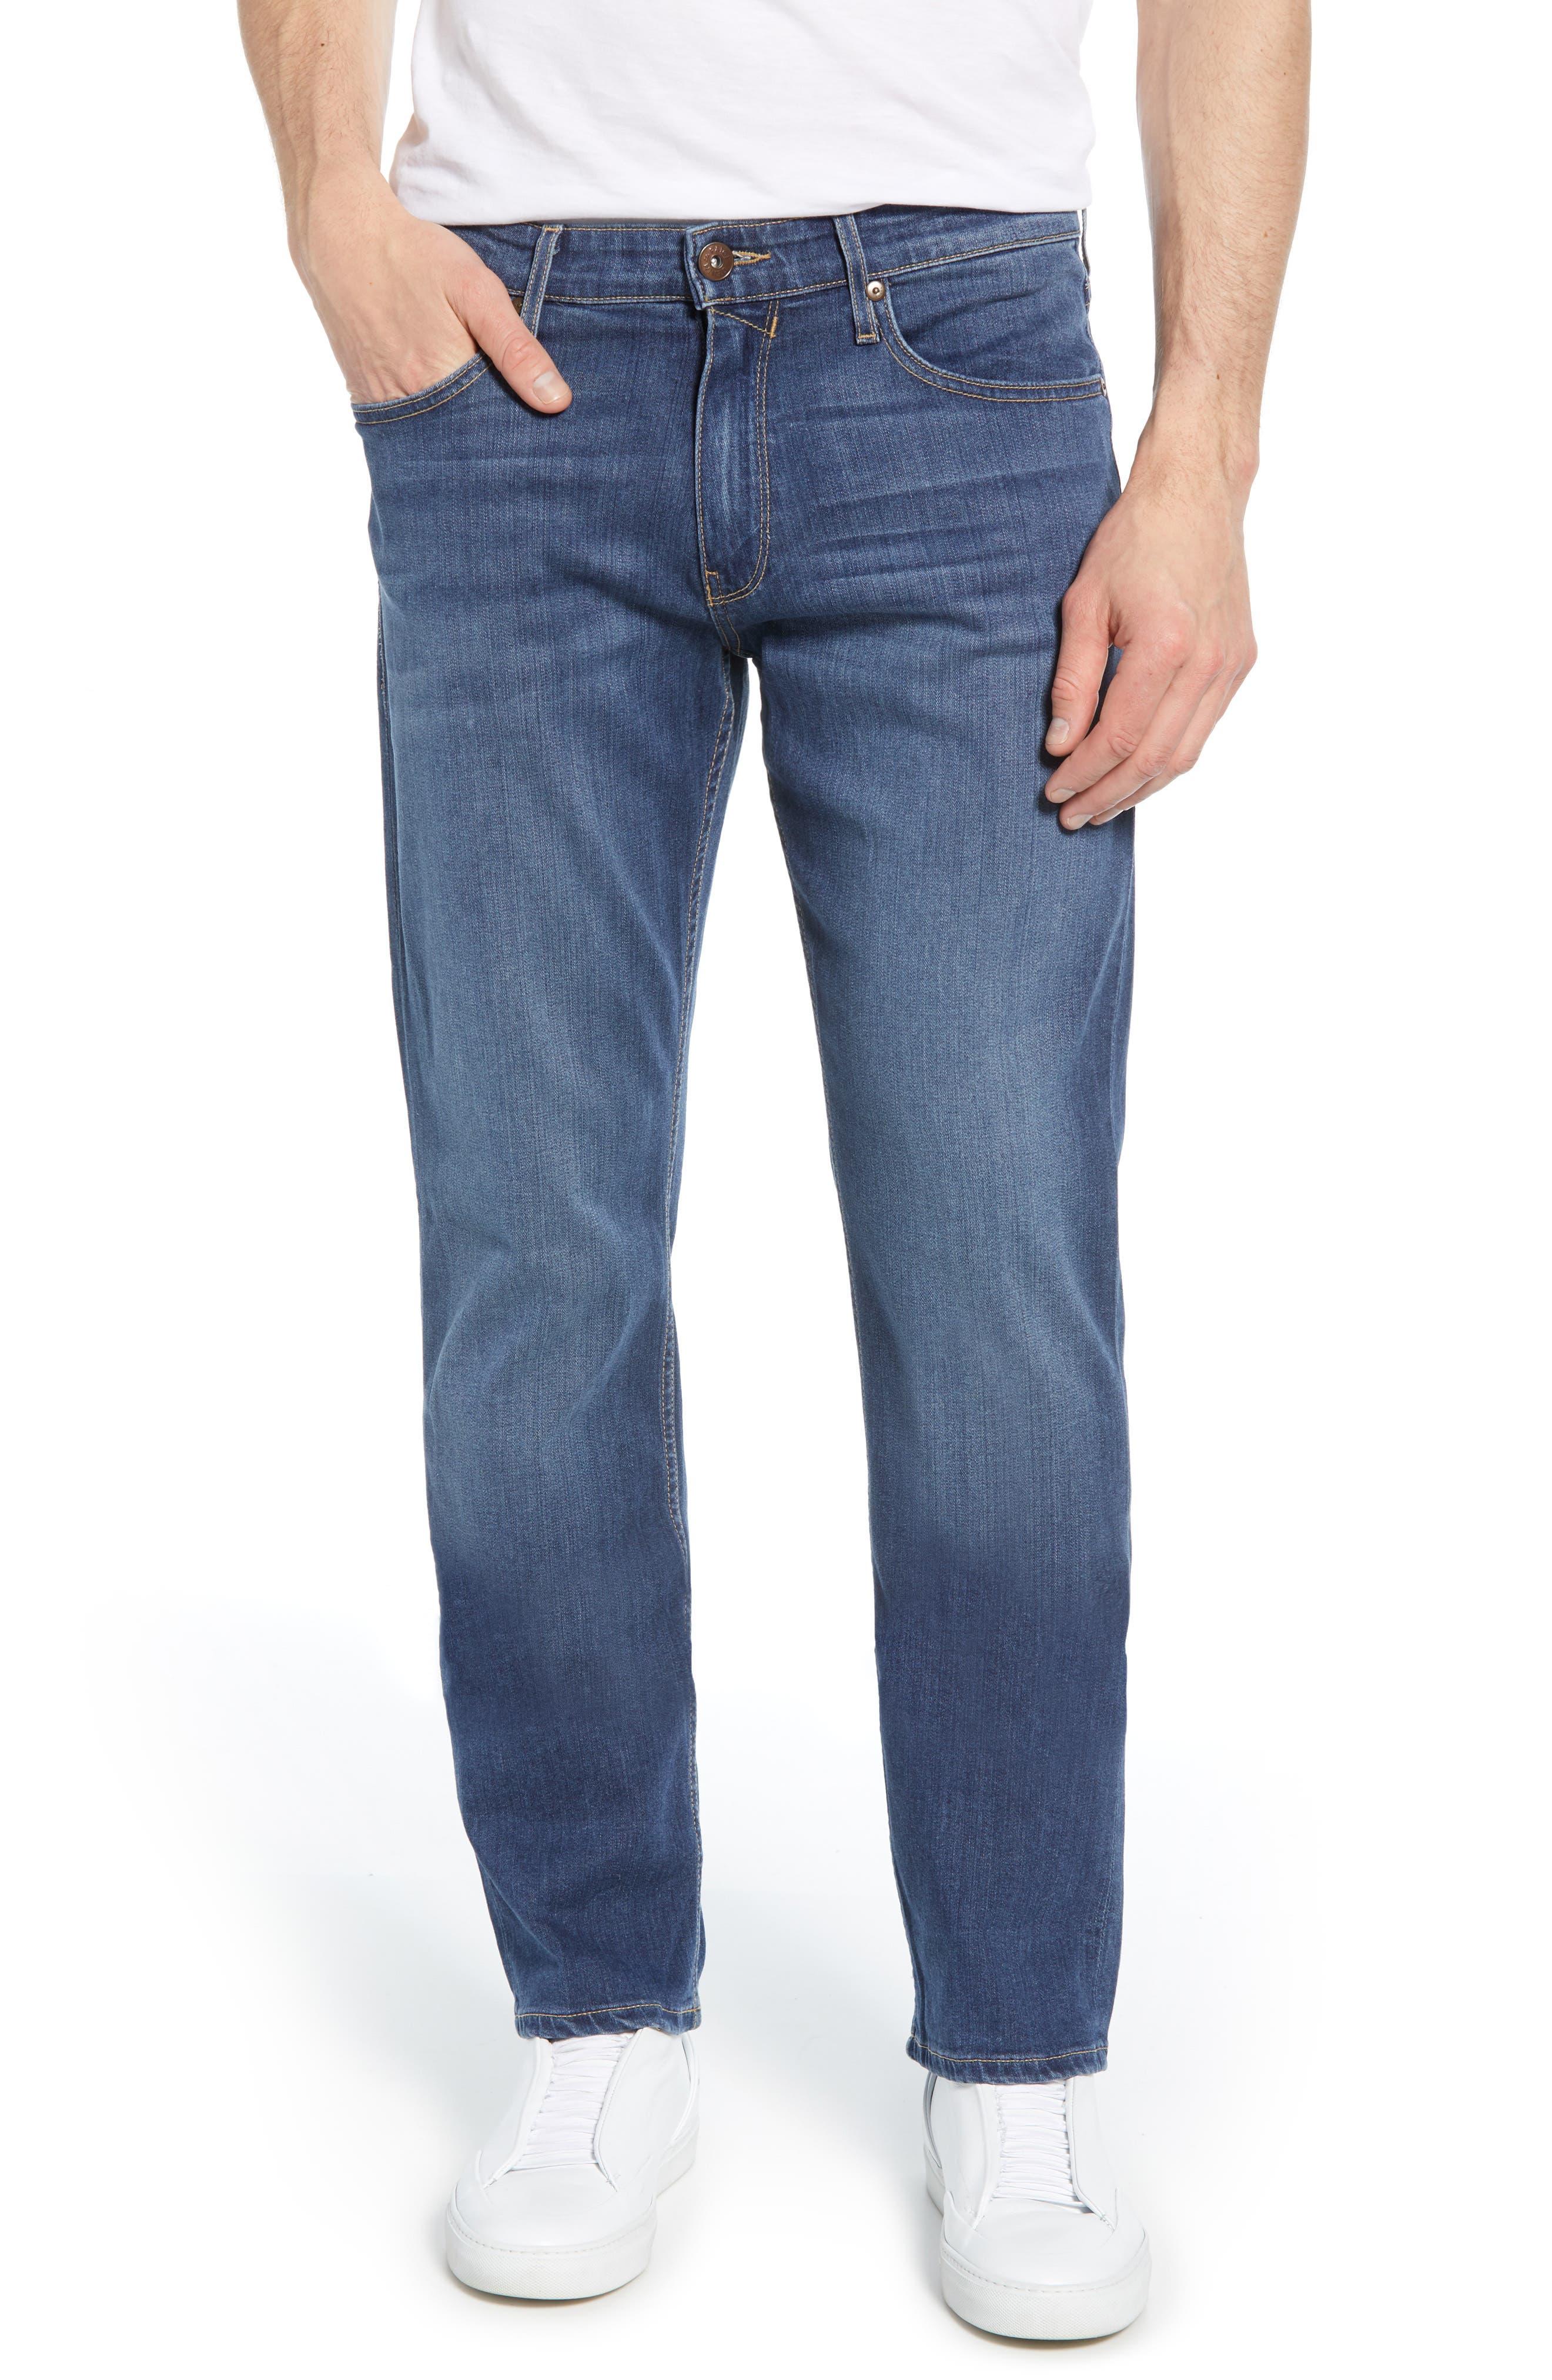 PAIGE, Transcend - Normandie Straight Leg Jeans, Alternate thumbnail 2, color, BIRCH